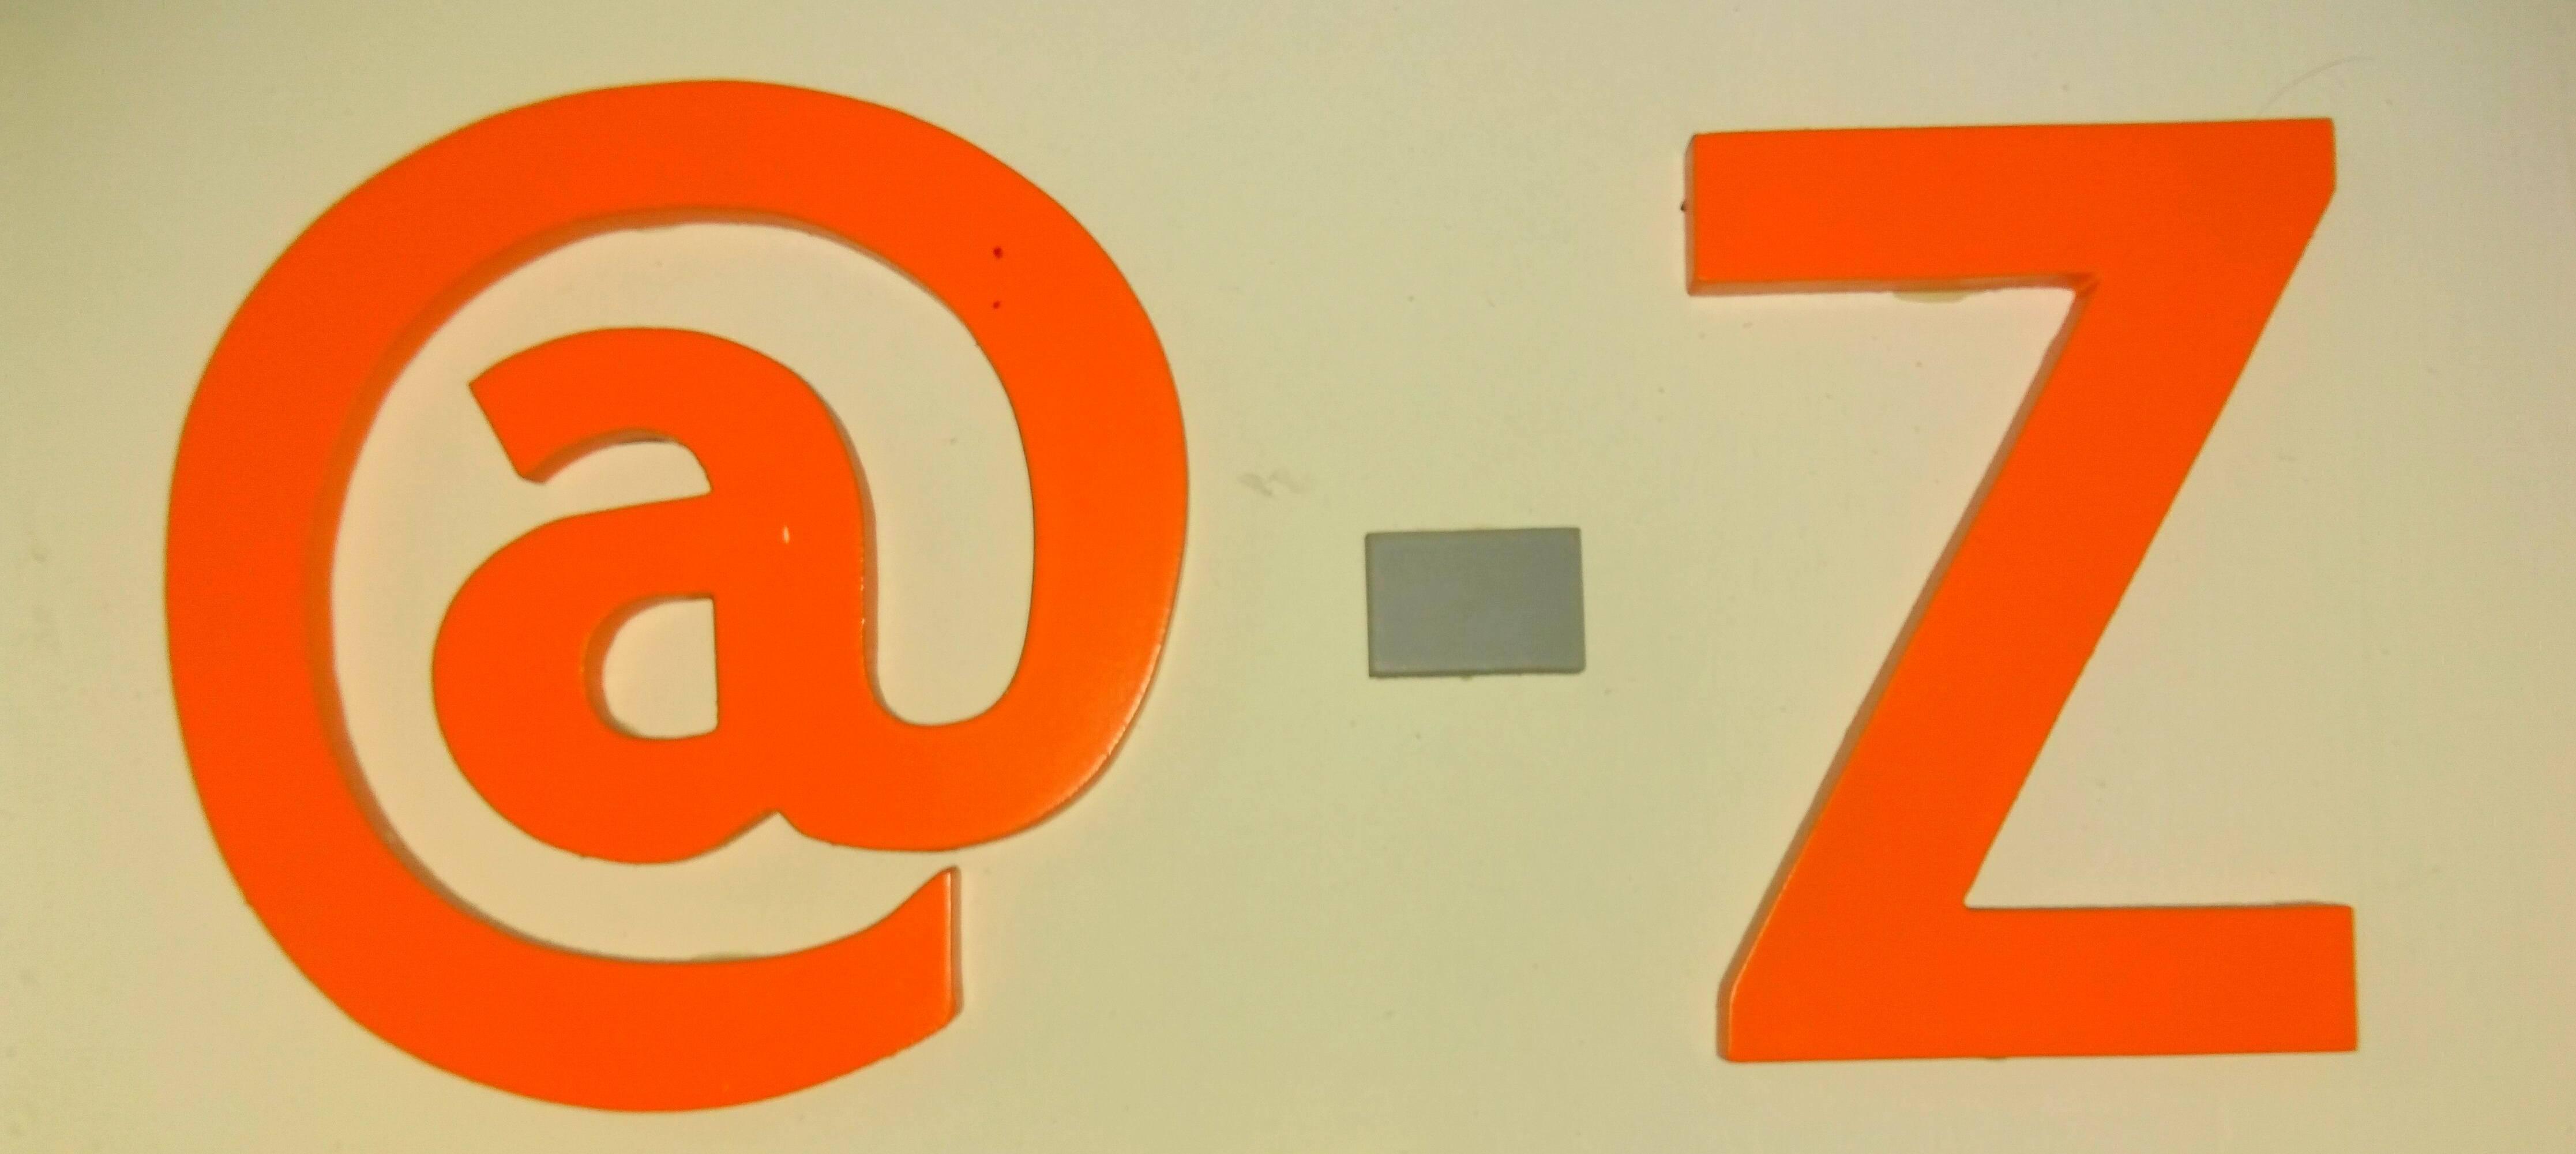 A-2-Z - קידום נגישות ושיווק באינטרנט